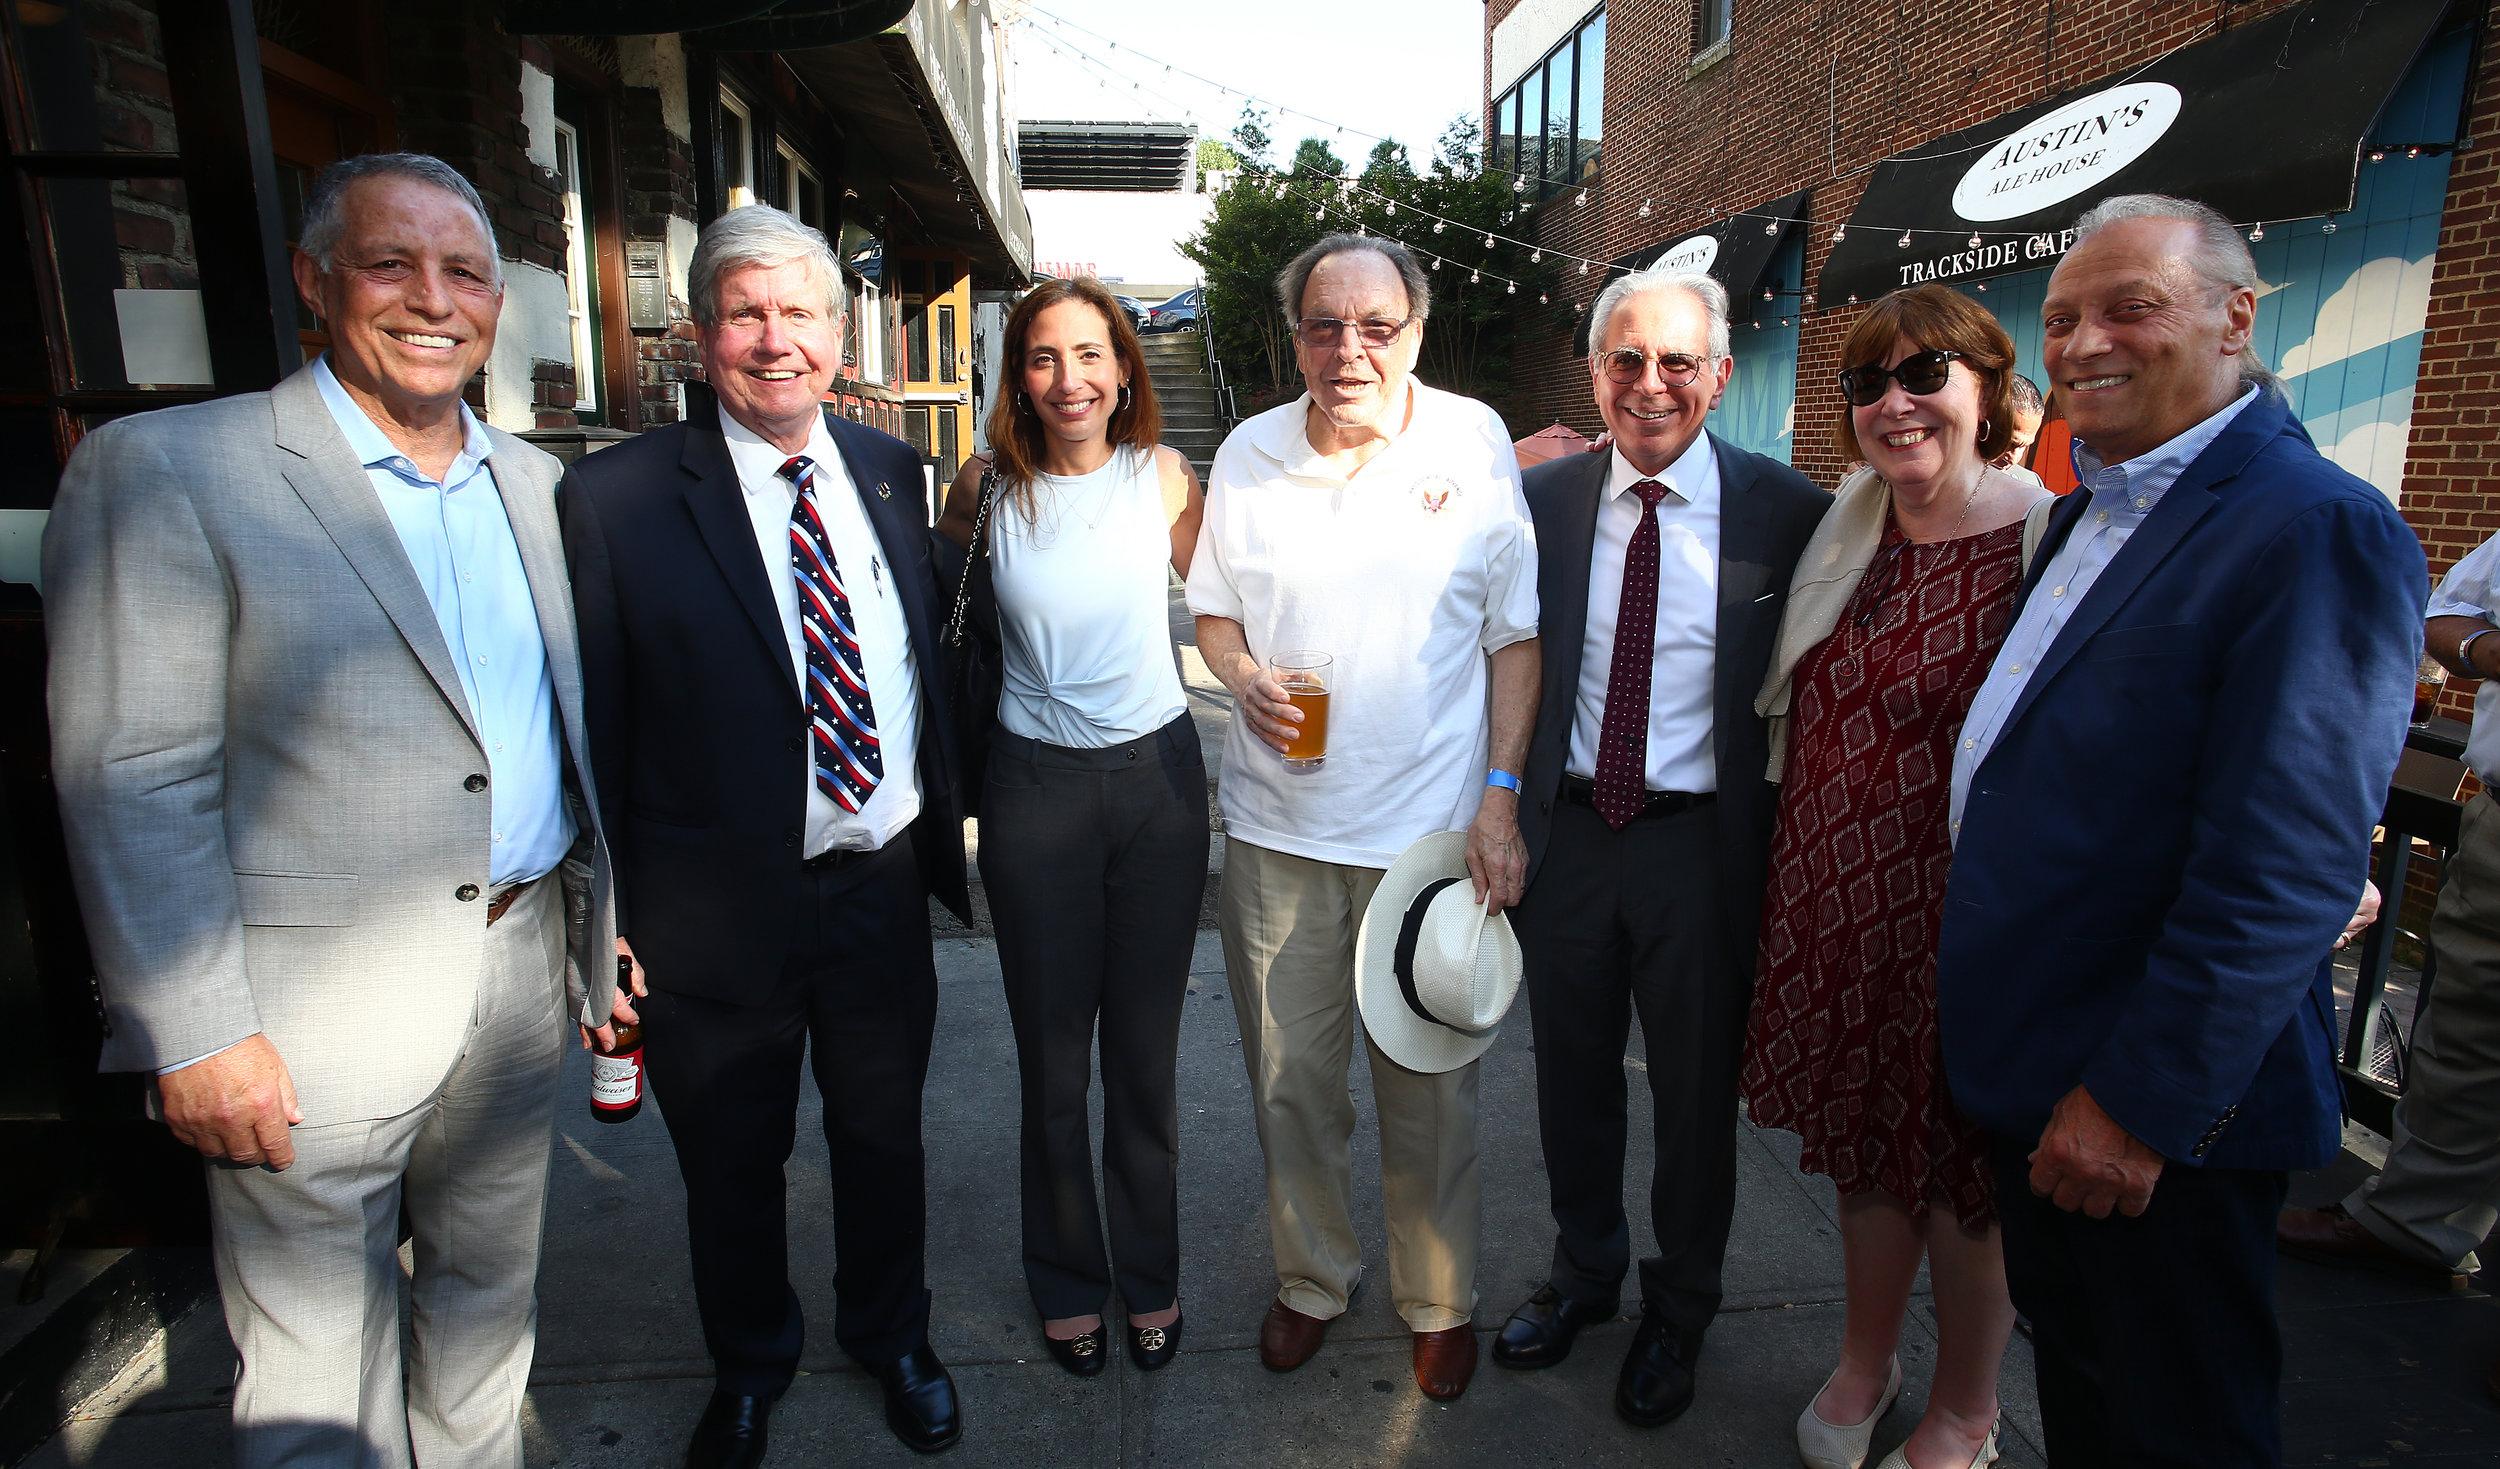 From left, Todd Greenberg, Acting DA John Ryan, Rachel Buchter, Steve Goldenberg, Charles Castarelli, the Hon. Deborah Modica and Dominic Addabbo.